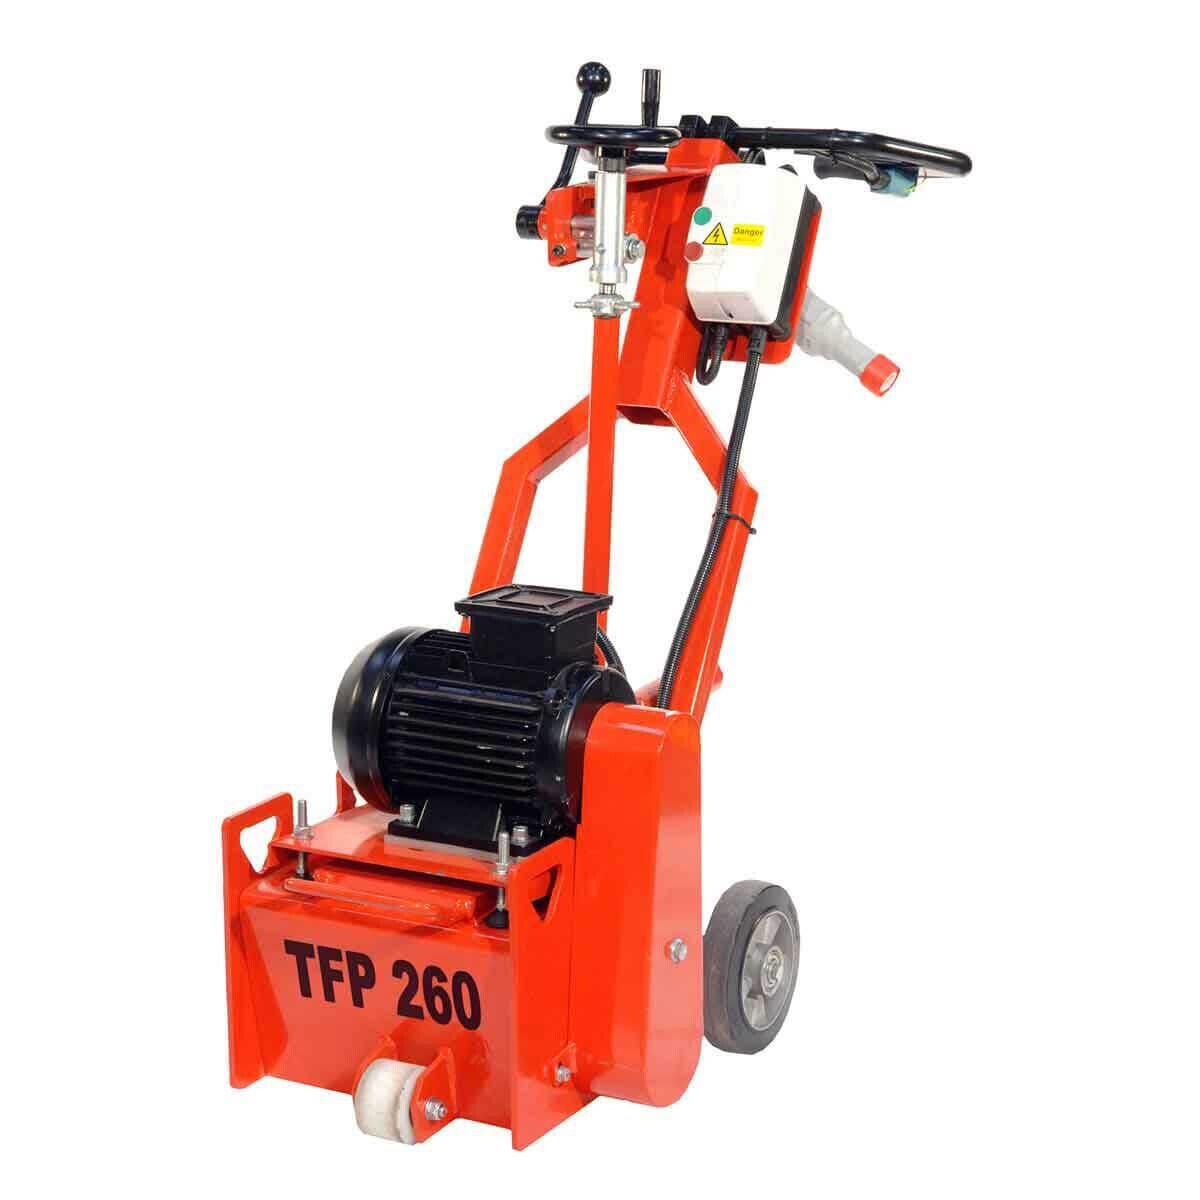 Trelawny TFP260 Floor Scarifier